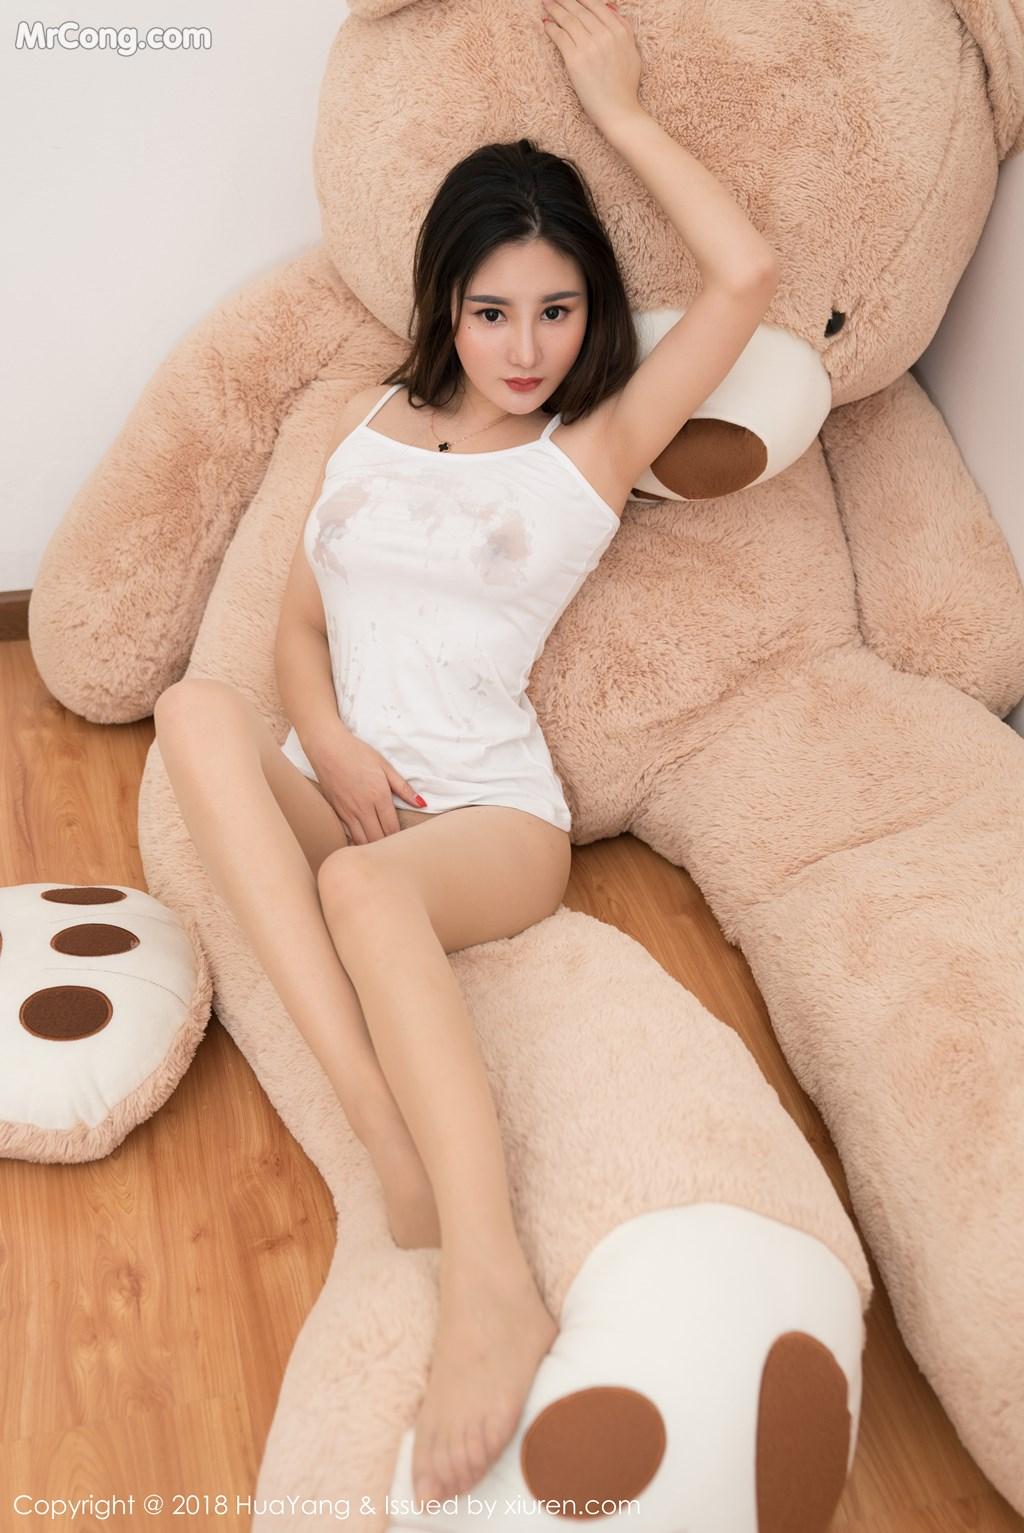 Image HuaYang-2018-03-02-Vol.034-Xiao-Tian-Xin-Candy-MrCong.com-024 in post HuaYang 2018-03-02 Vol.034: Người mẫu Xiao Tian Xin (小甜心Candy) (41 ảnh)